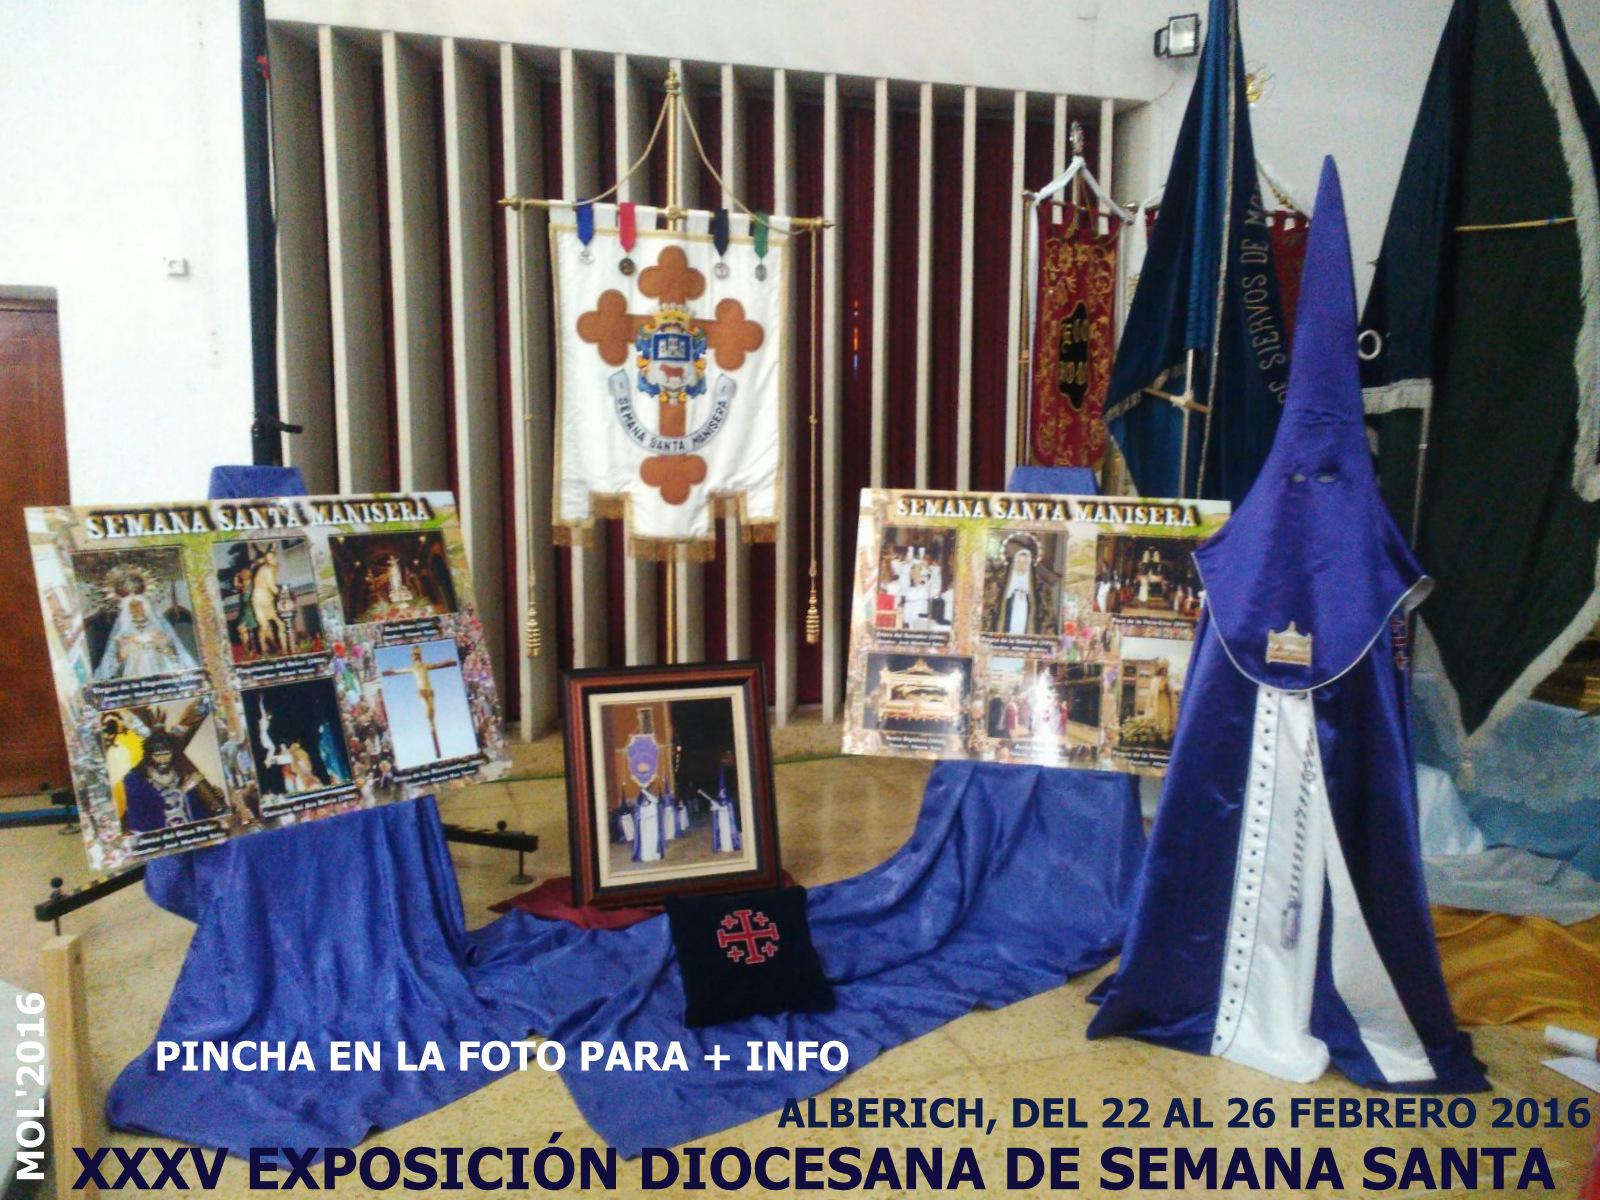 22.02.16 SEMANA SANTA 2016, XXXV EXPOSICIÓN DIOCESANA EN ALBERICH